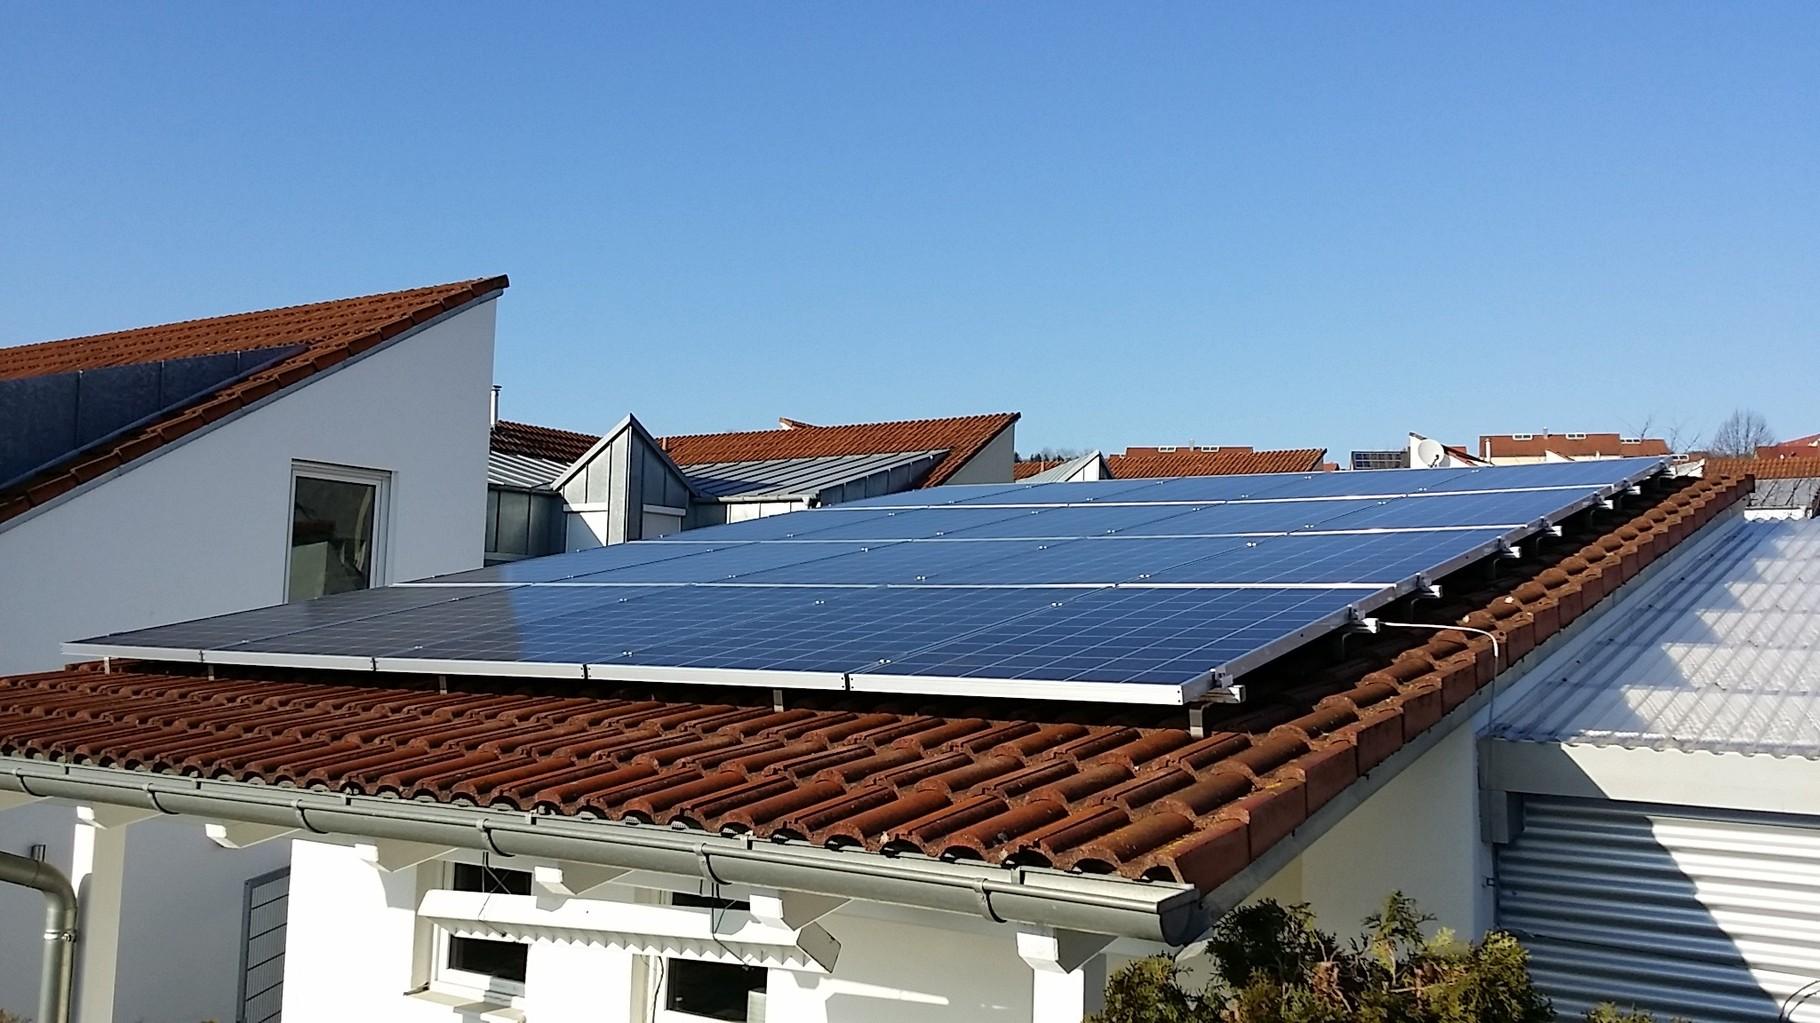 5 kWp Photovoltaikanlage 93077 Bad Abbach SHARP Modulen 4.5 Symo Fronius Wechselrichter